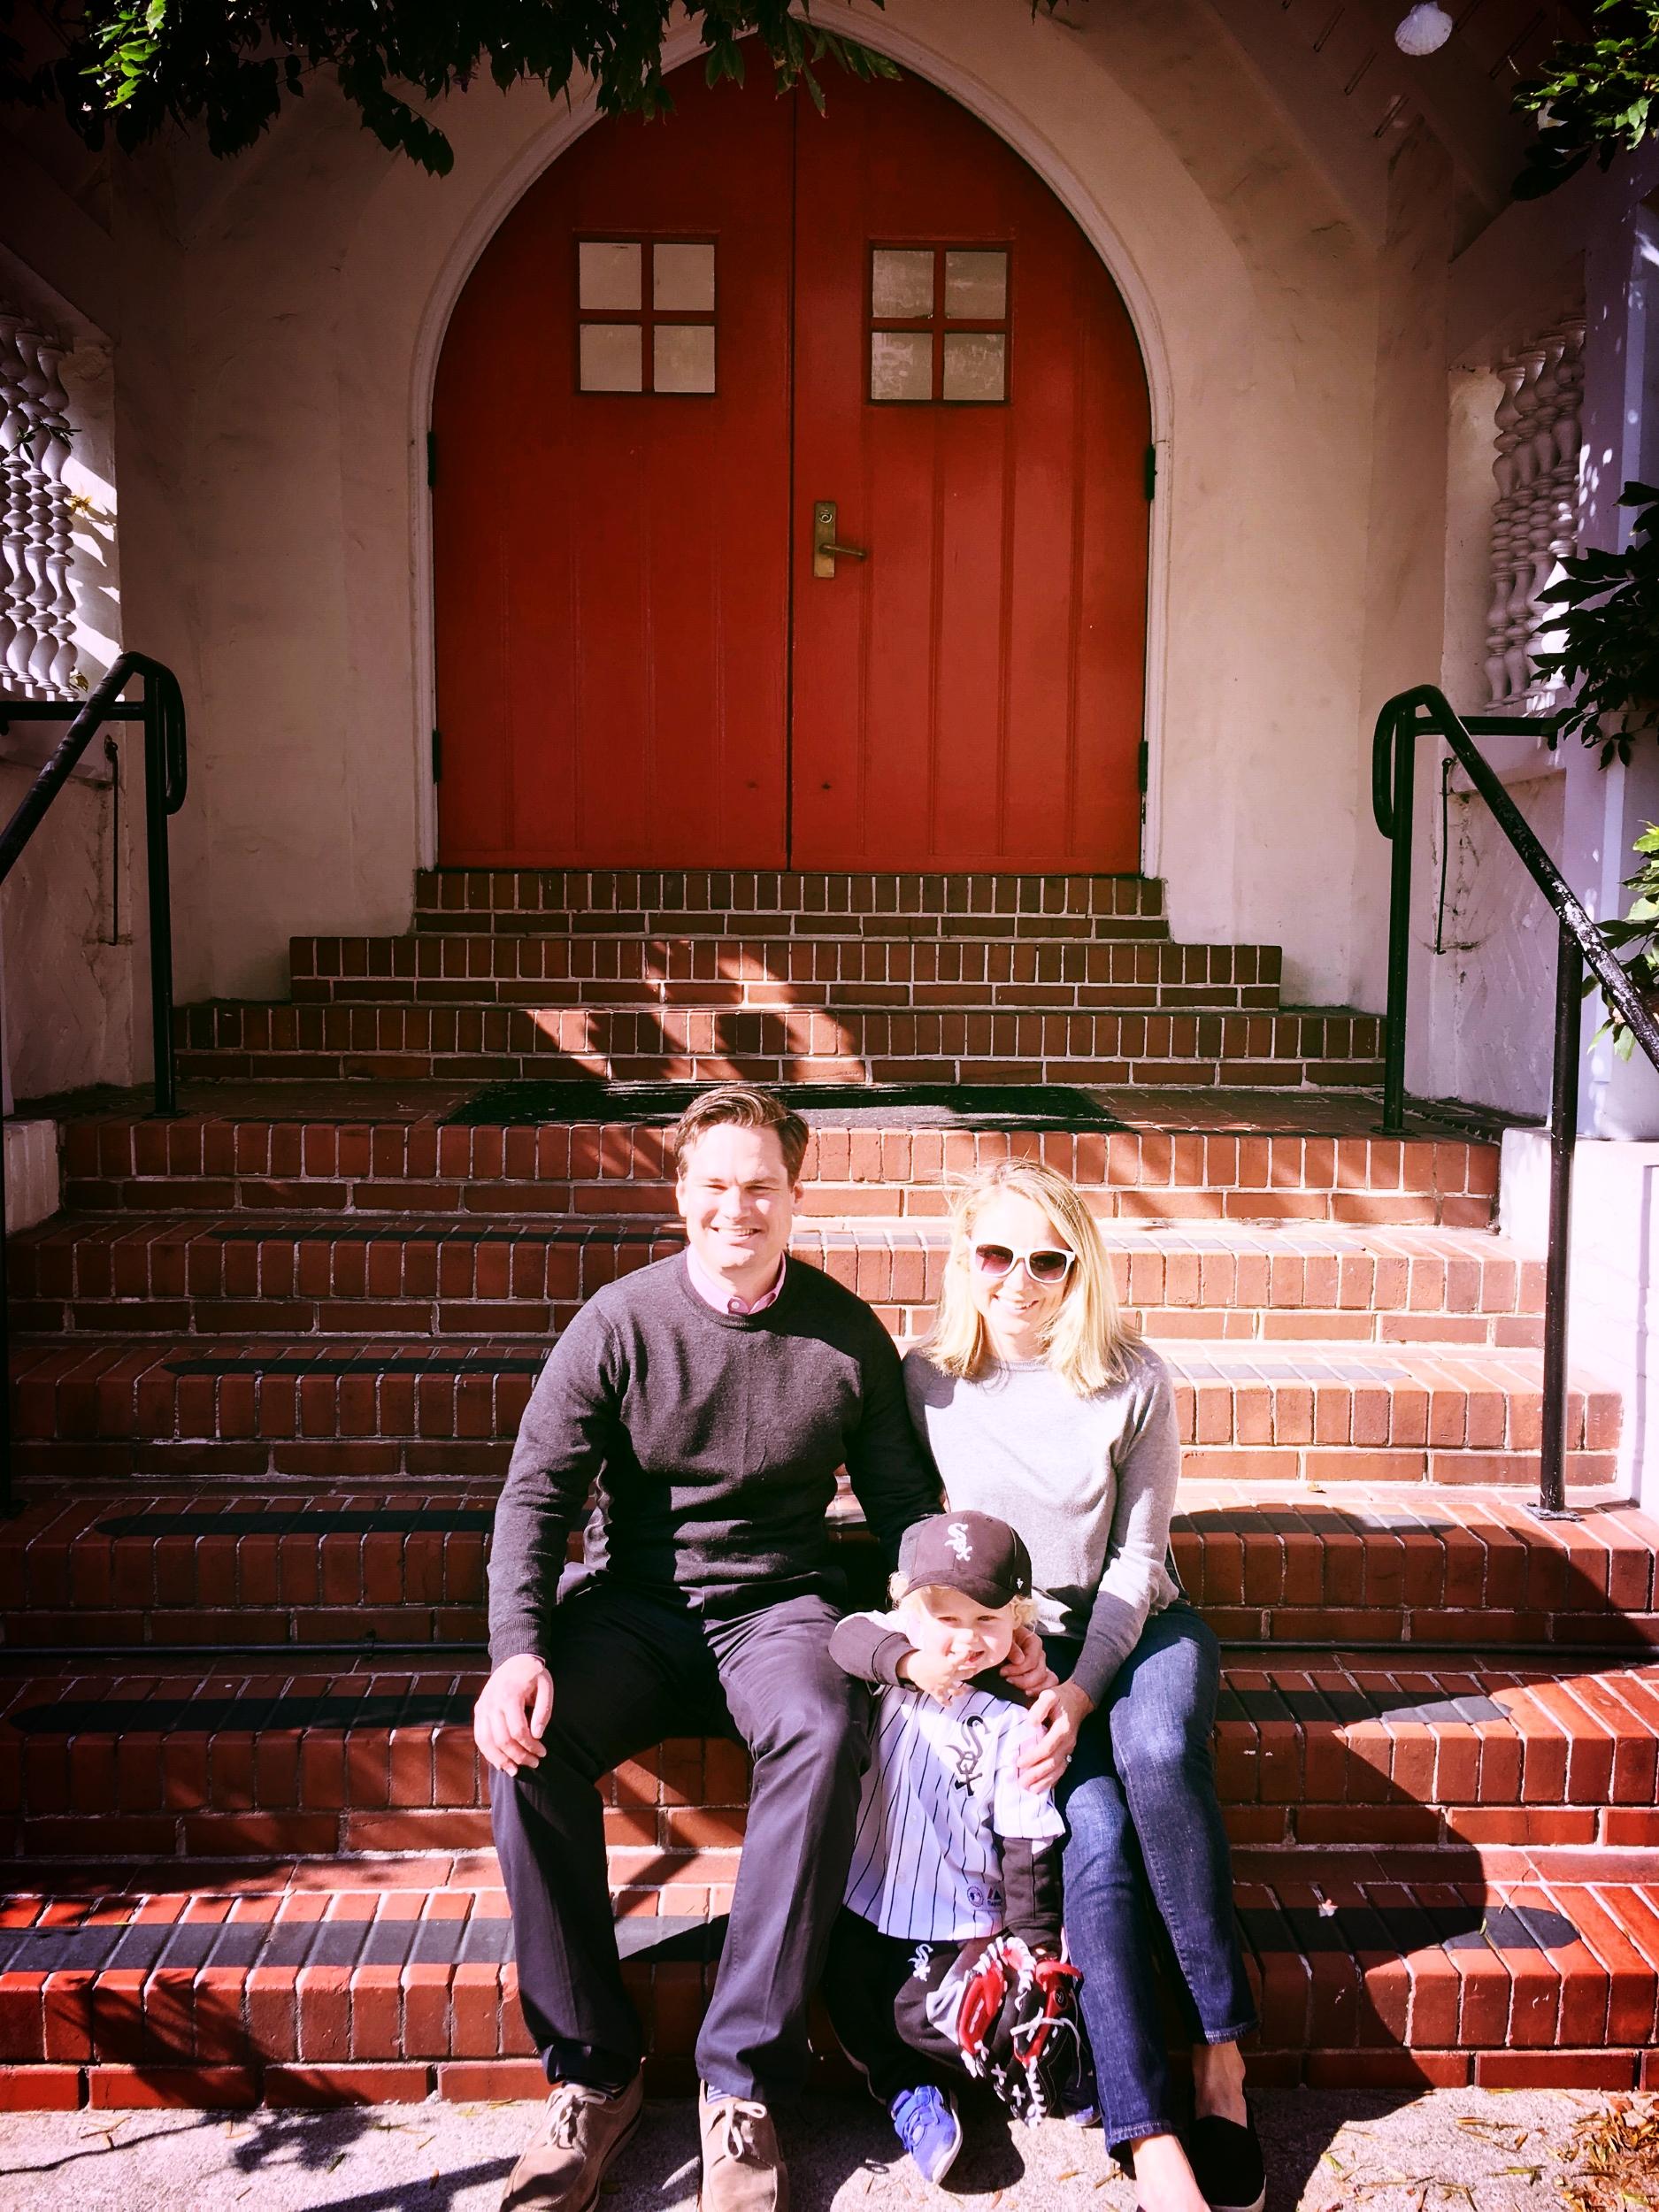 Courtney & MattDeclan, 3 - San Francisco, CA@courtmasterson79